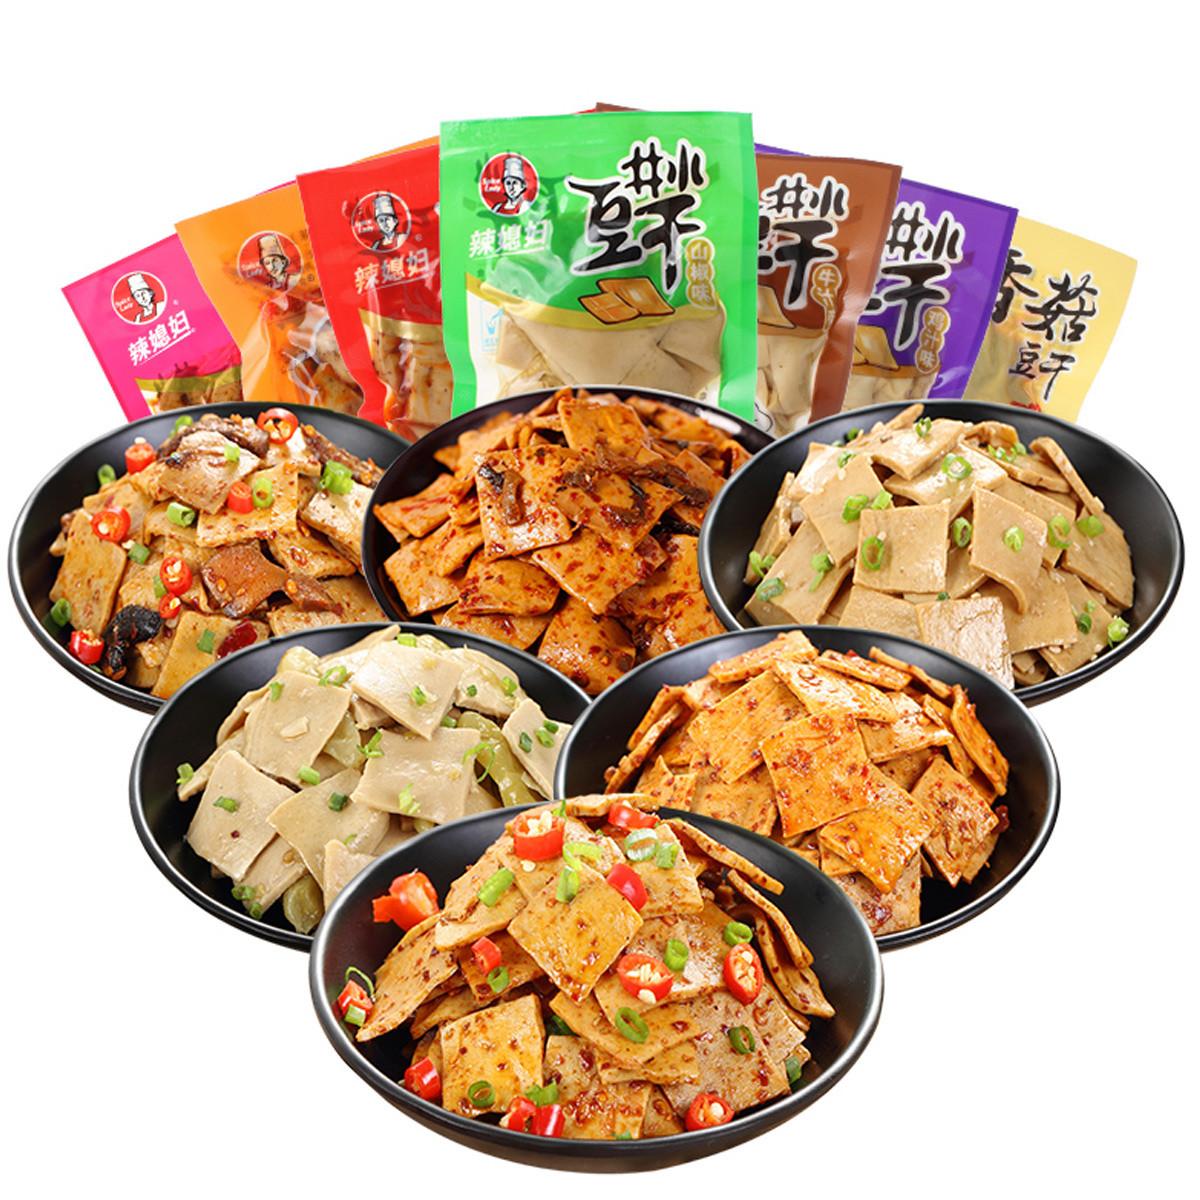 辣媳妇散装豆腐干小包装零食重庆特产小吃麻辣休闲零食豆干500gCOLOR其它颜色